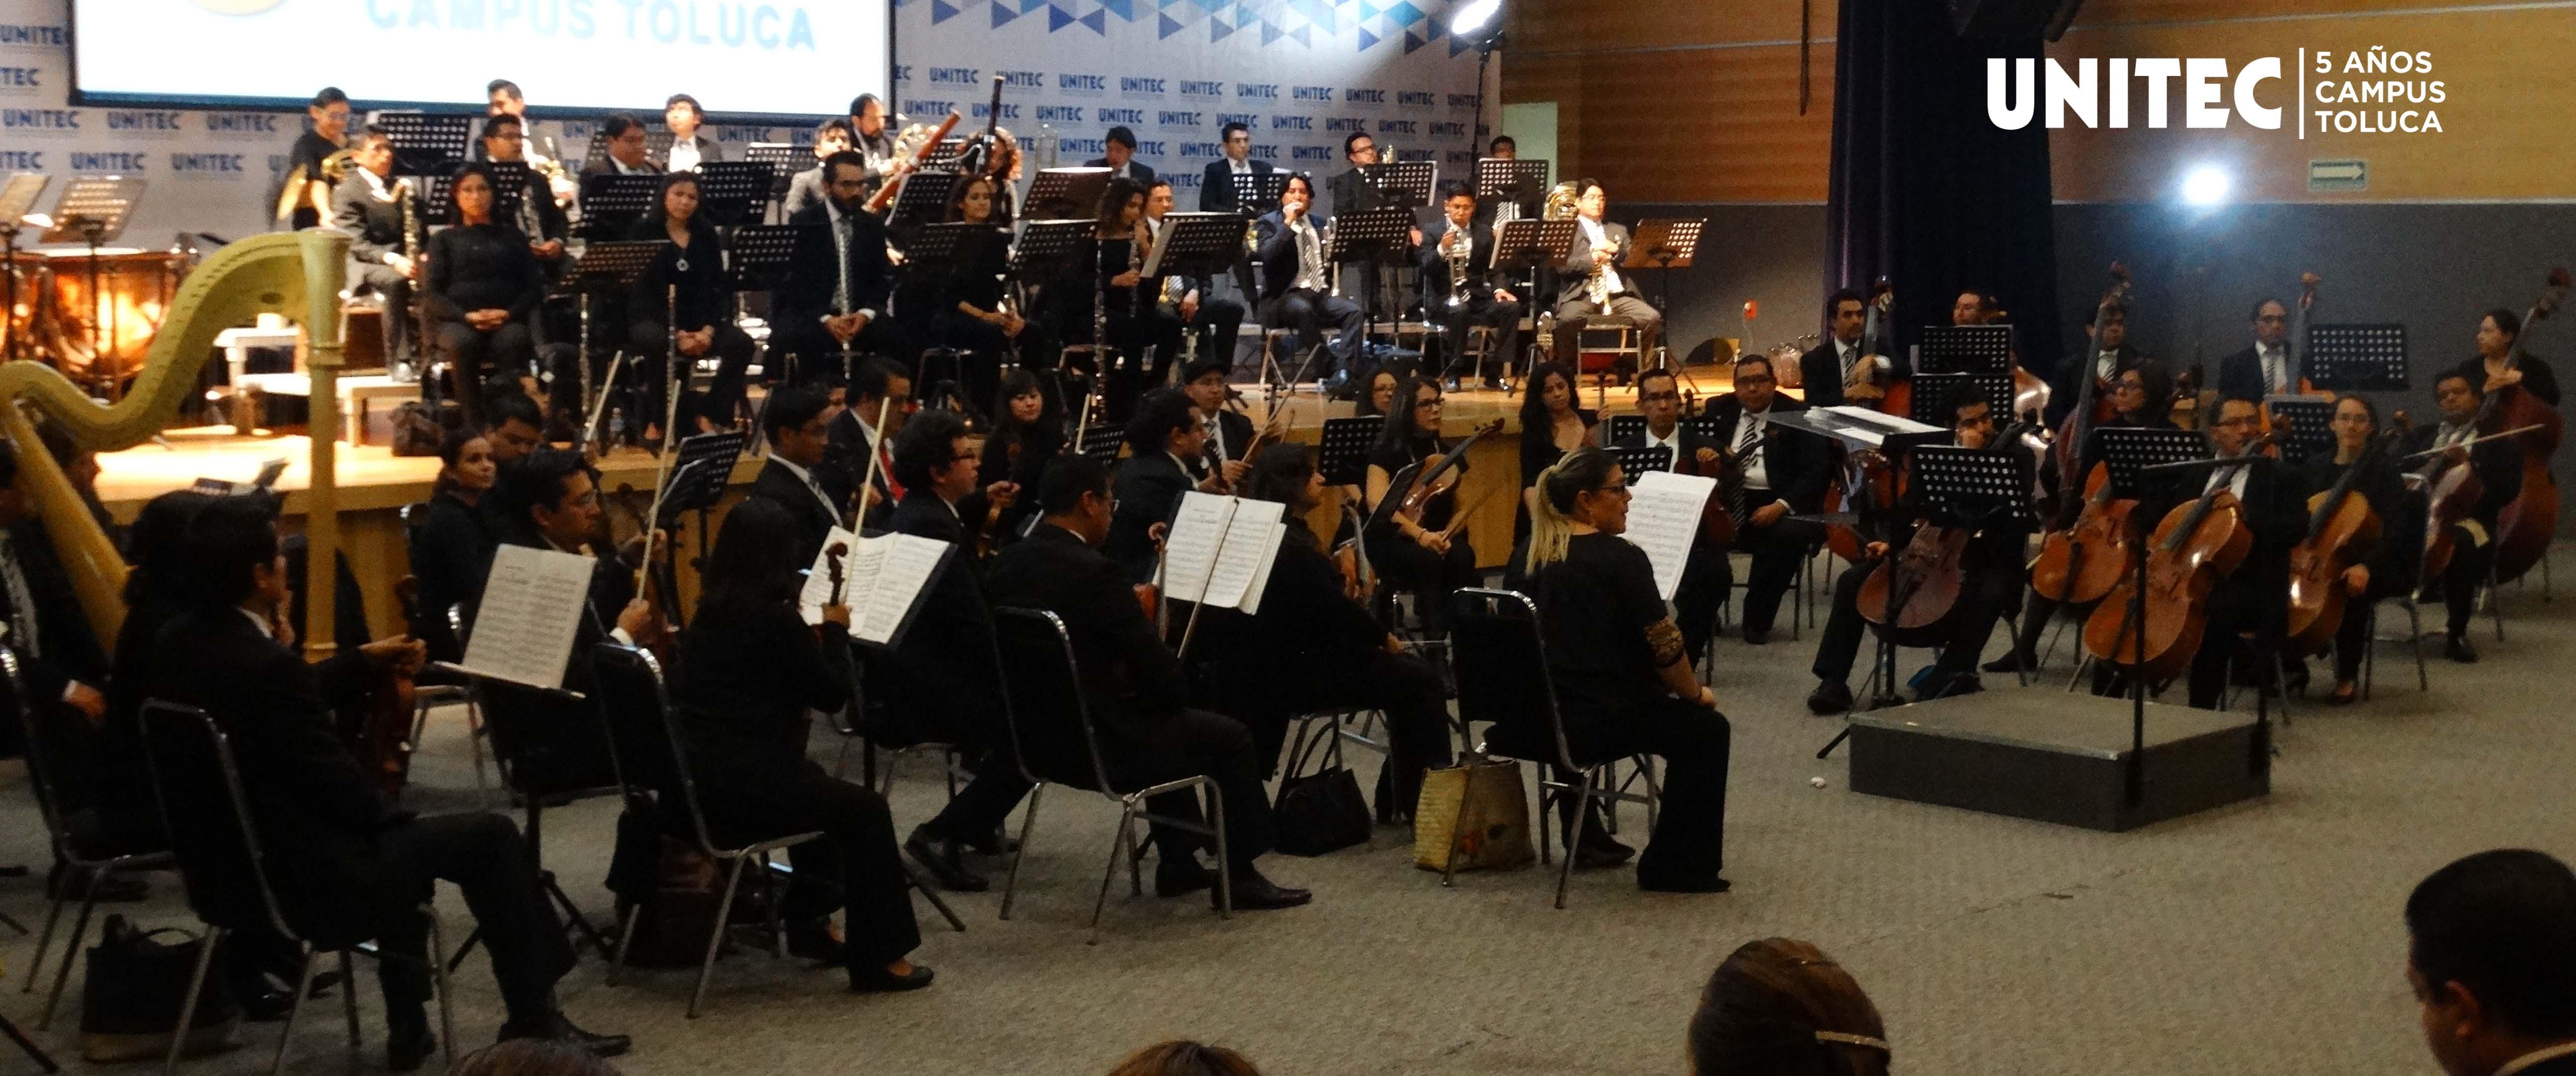 Campus Toluca ofrece concierto para celebrar su 5° aniversario - Featured Image